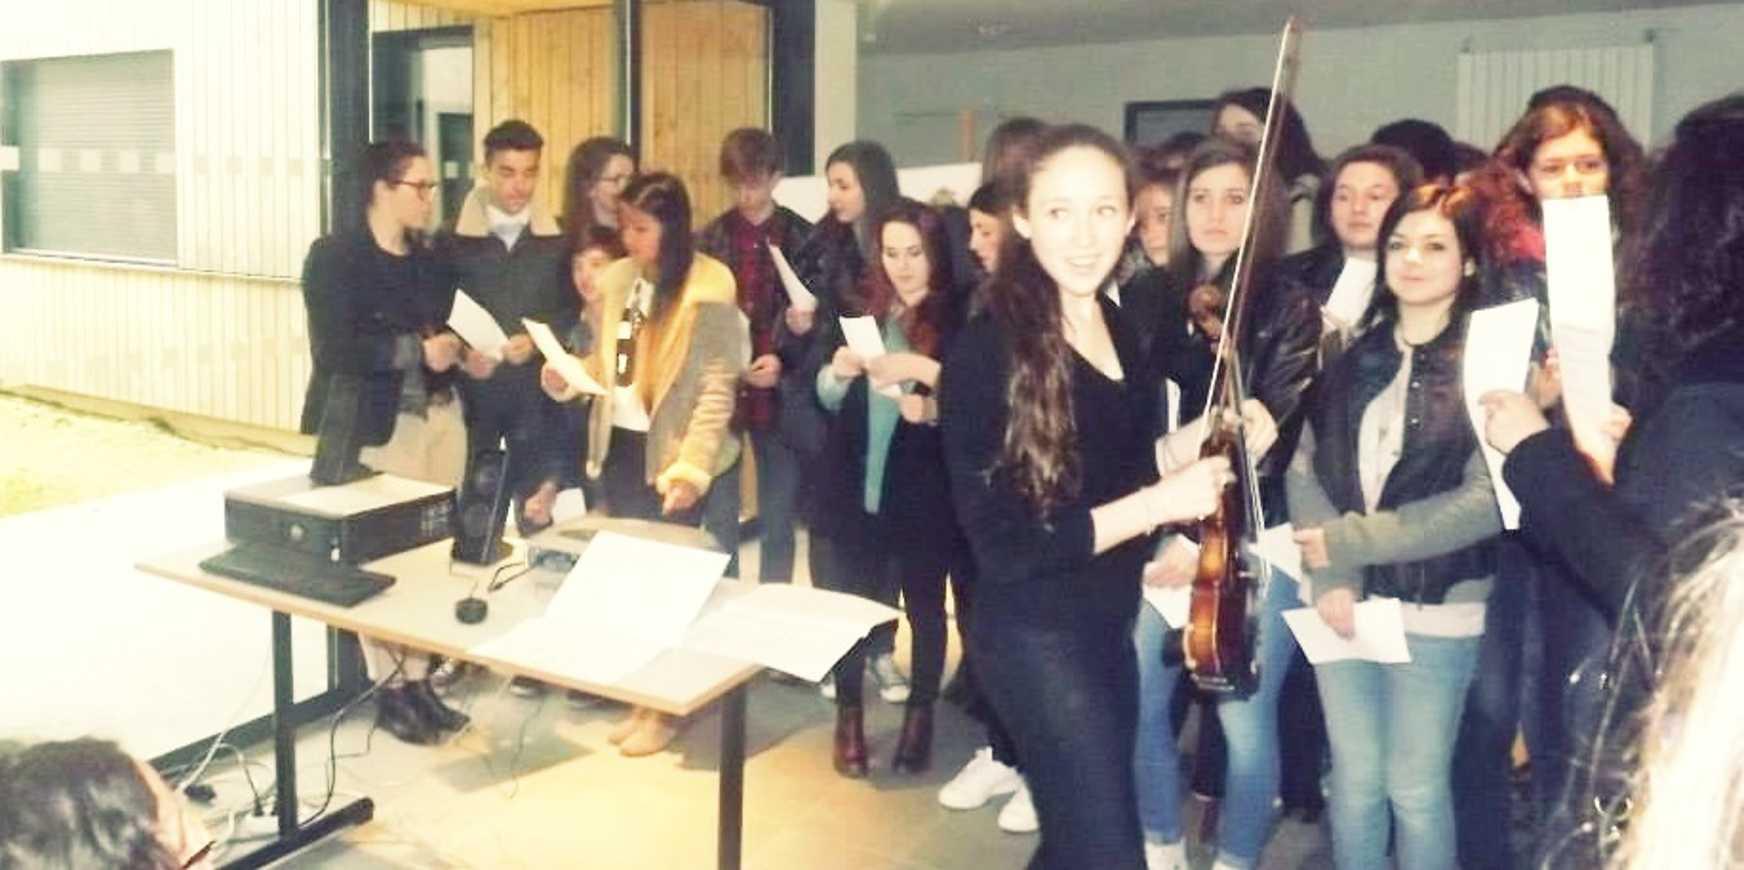 Du 31 mars au 4 avril, les élèves français ont reçu leurs correspondants espagnols fotomiercoles1